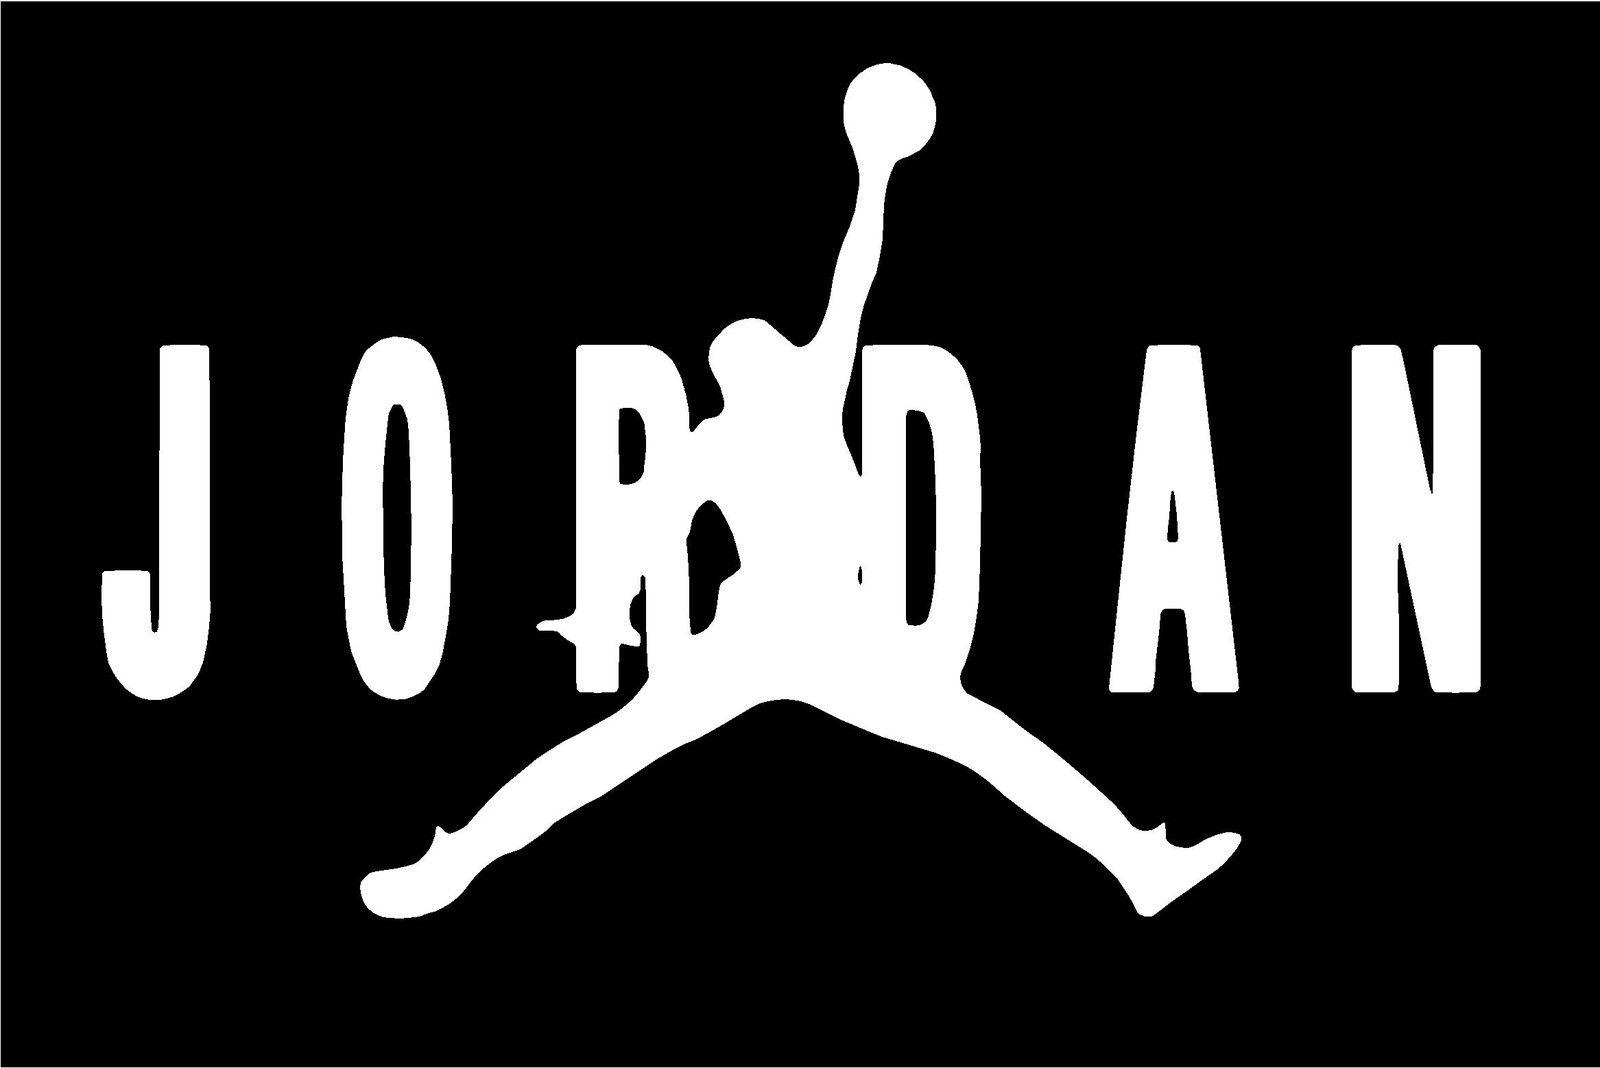 Nike Air Jordan Logo Wallpaper Wallpapersafari